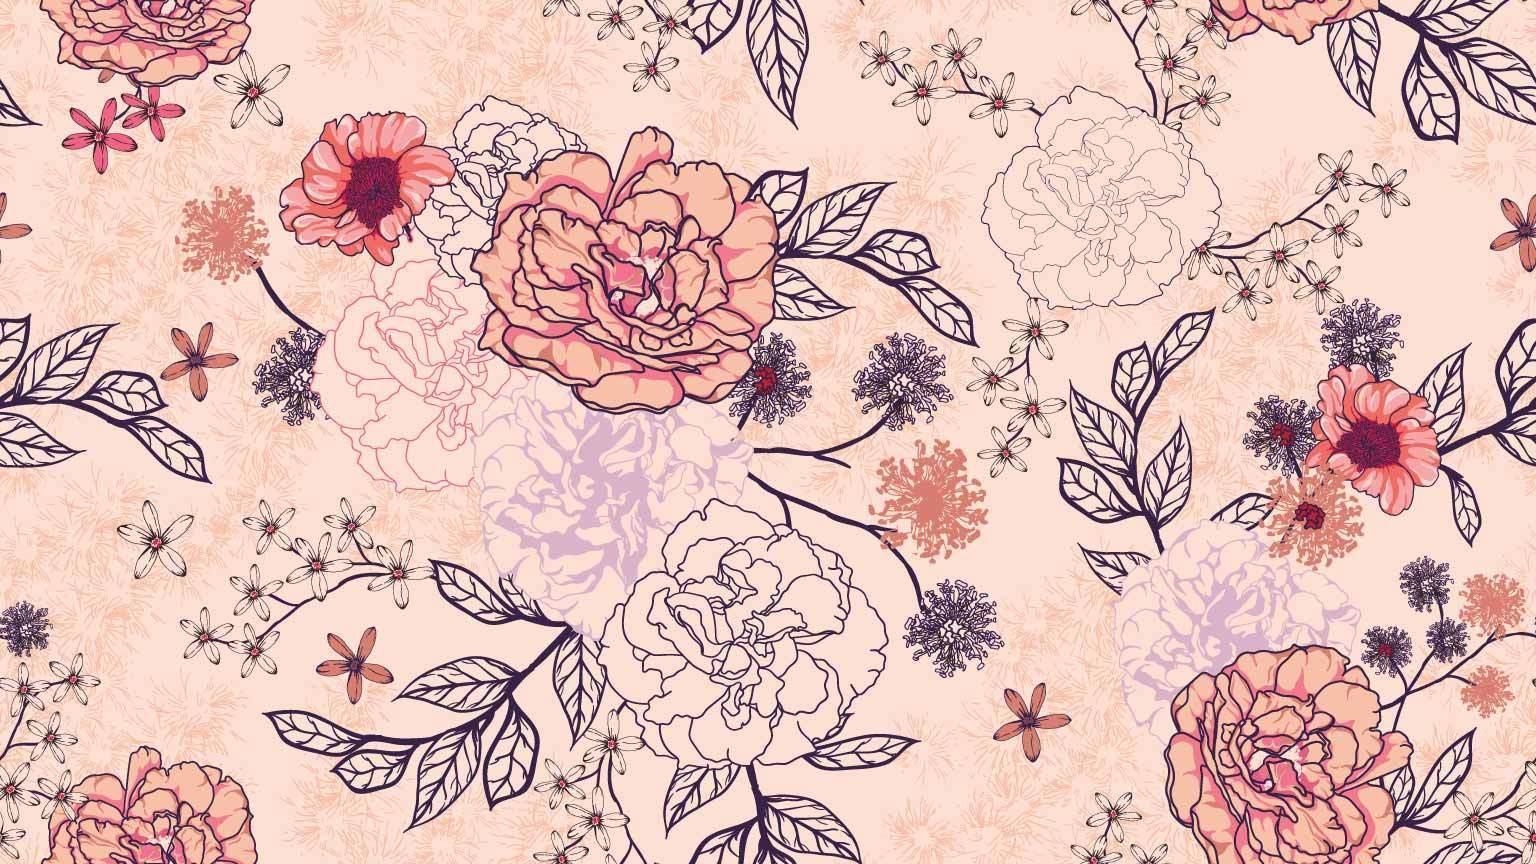 sömlösa mönster av rosbukett på pastell bakgrund vektor